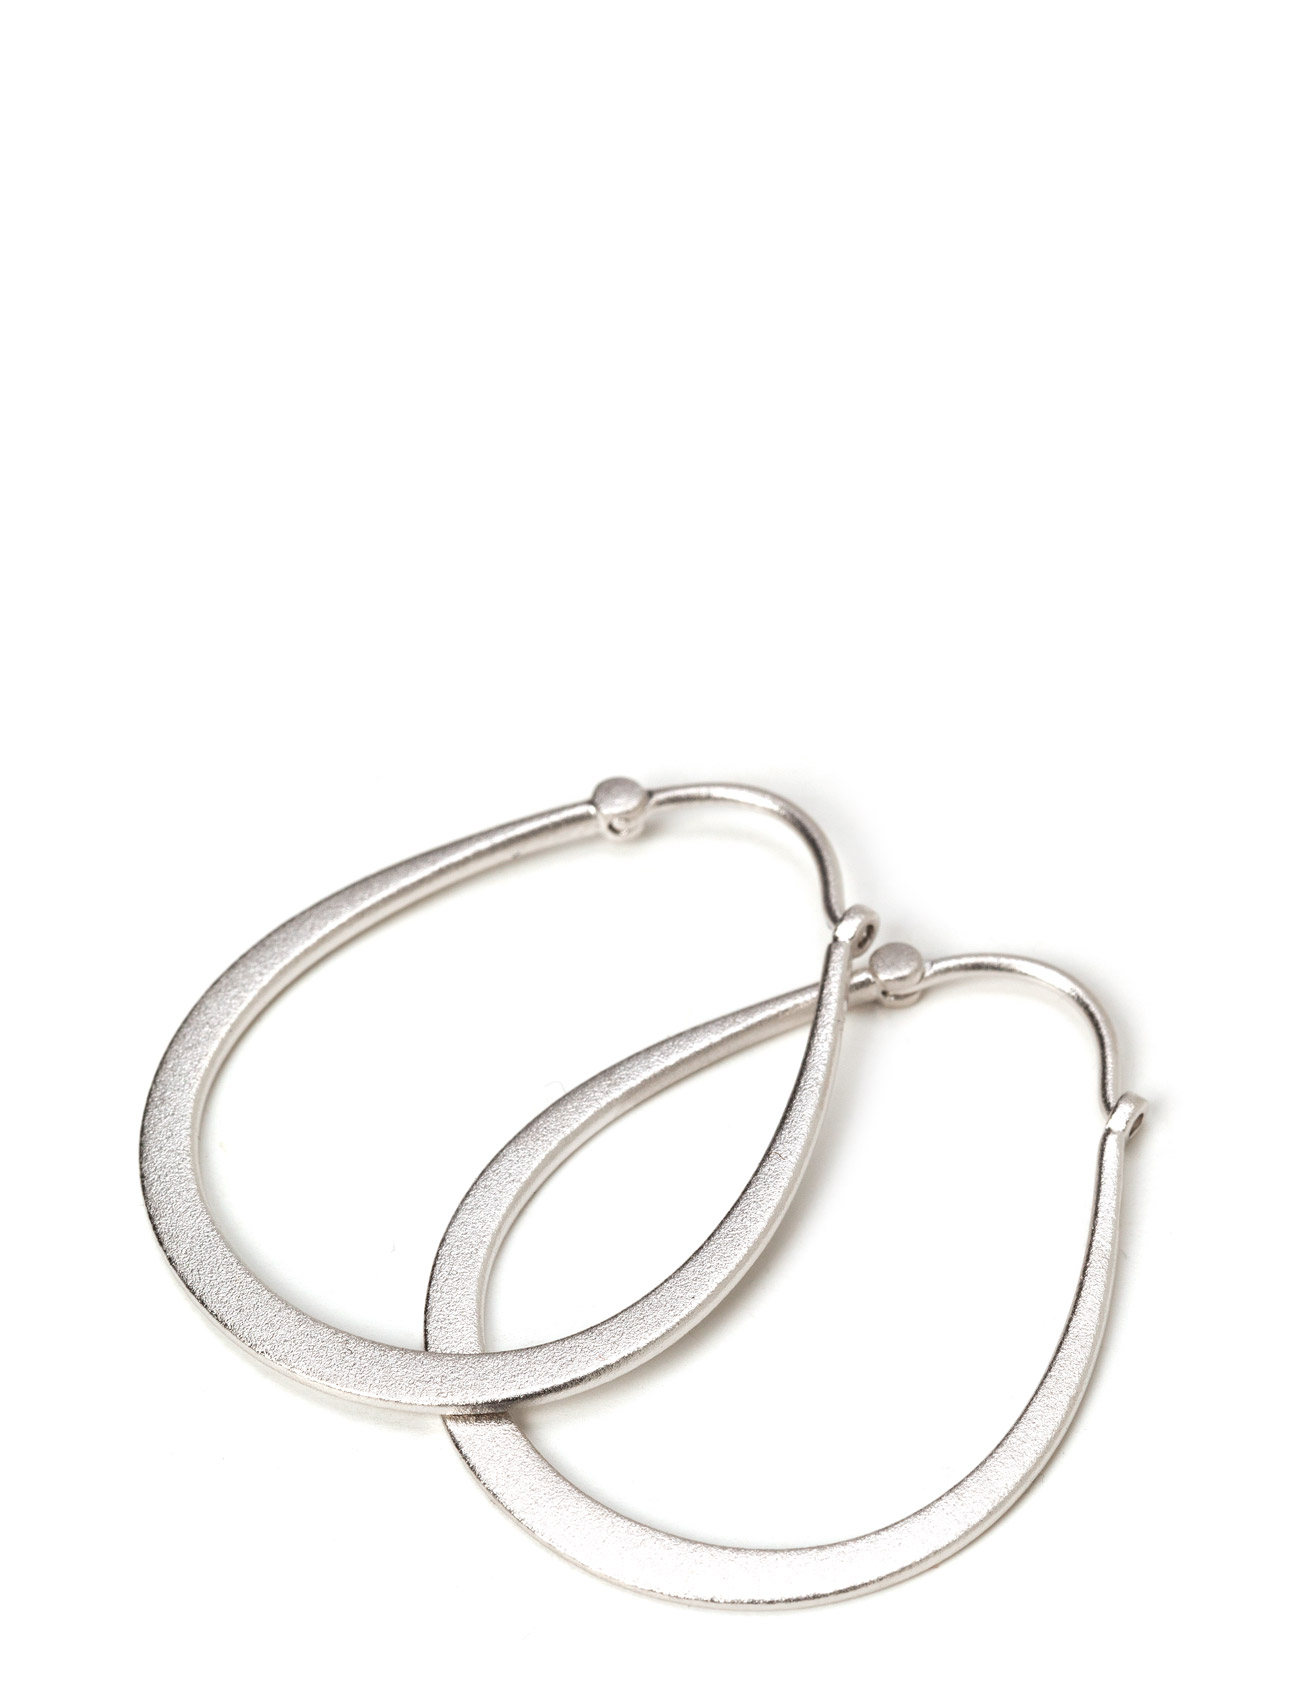 Classic Pear Hoop Earring - Rhodium Julie Sandlau Smycken